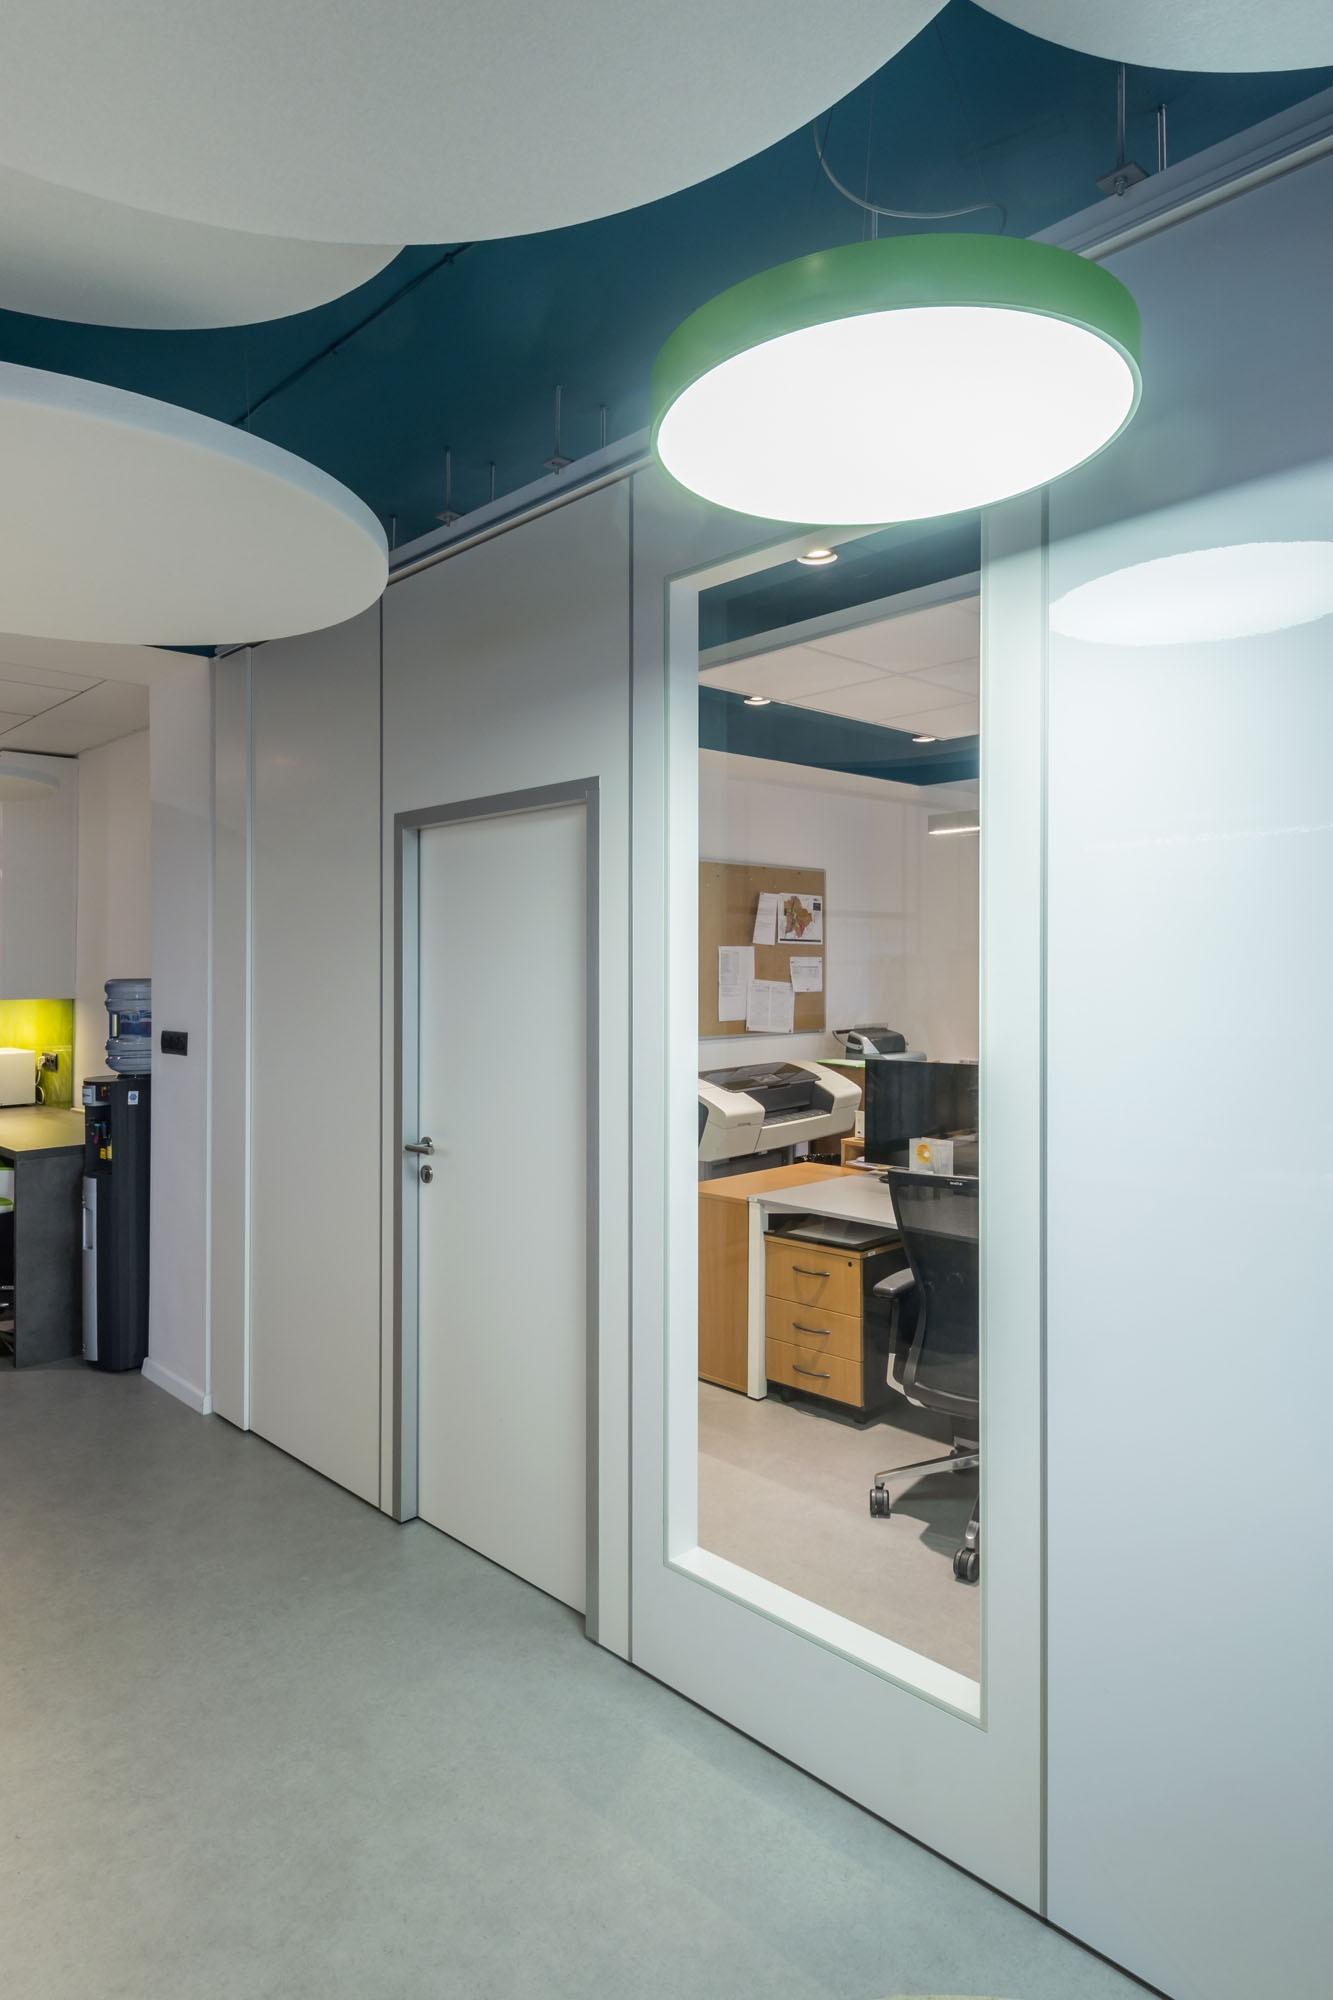 Neuer Showroom im LIKO-S Büro in Bratislava | LIKO-S